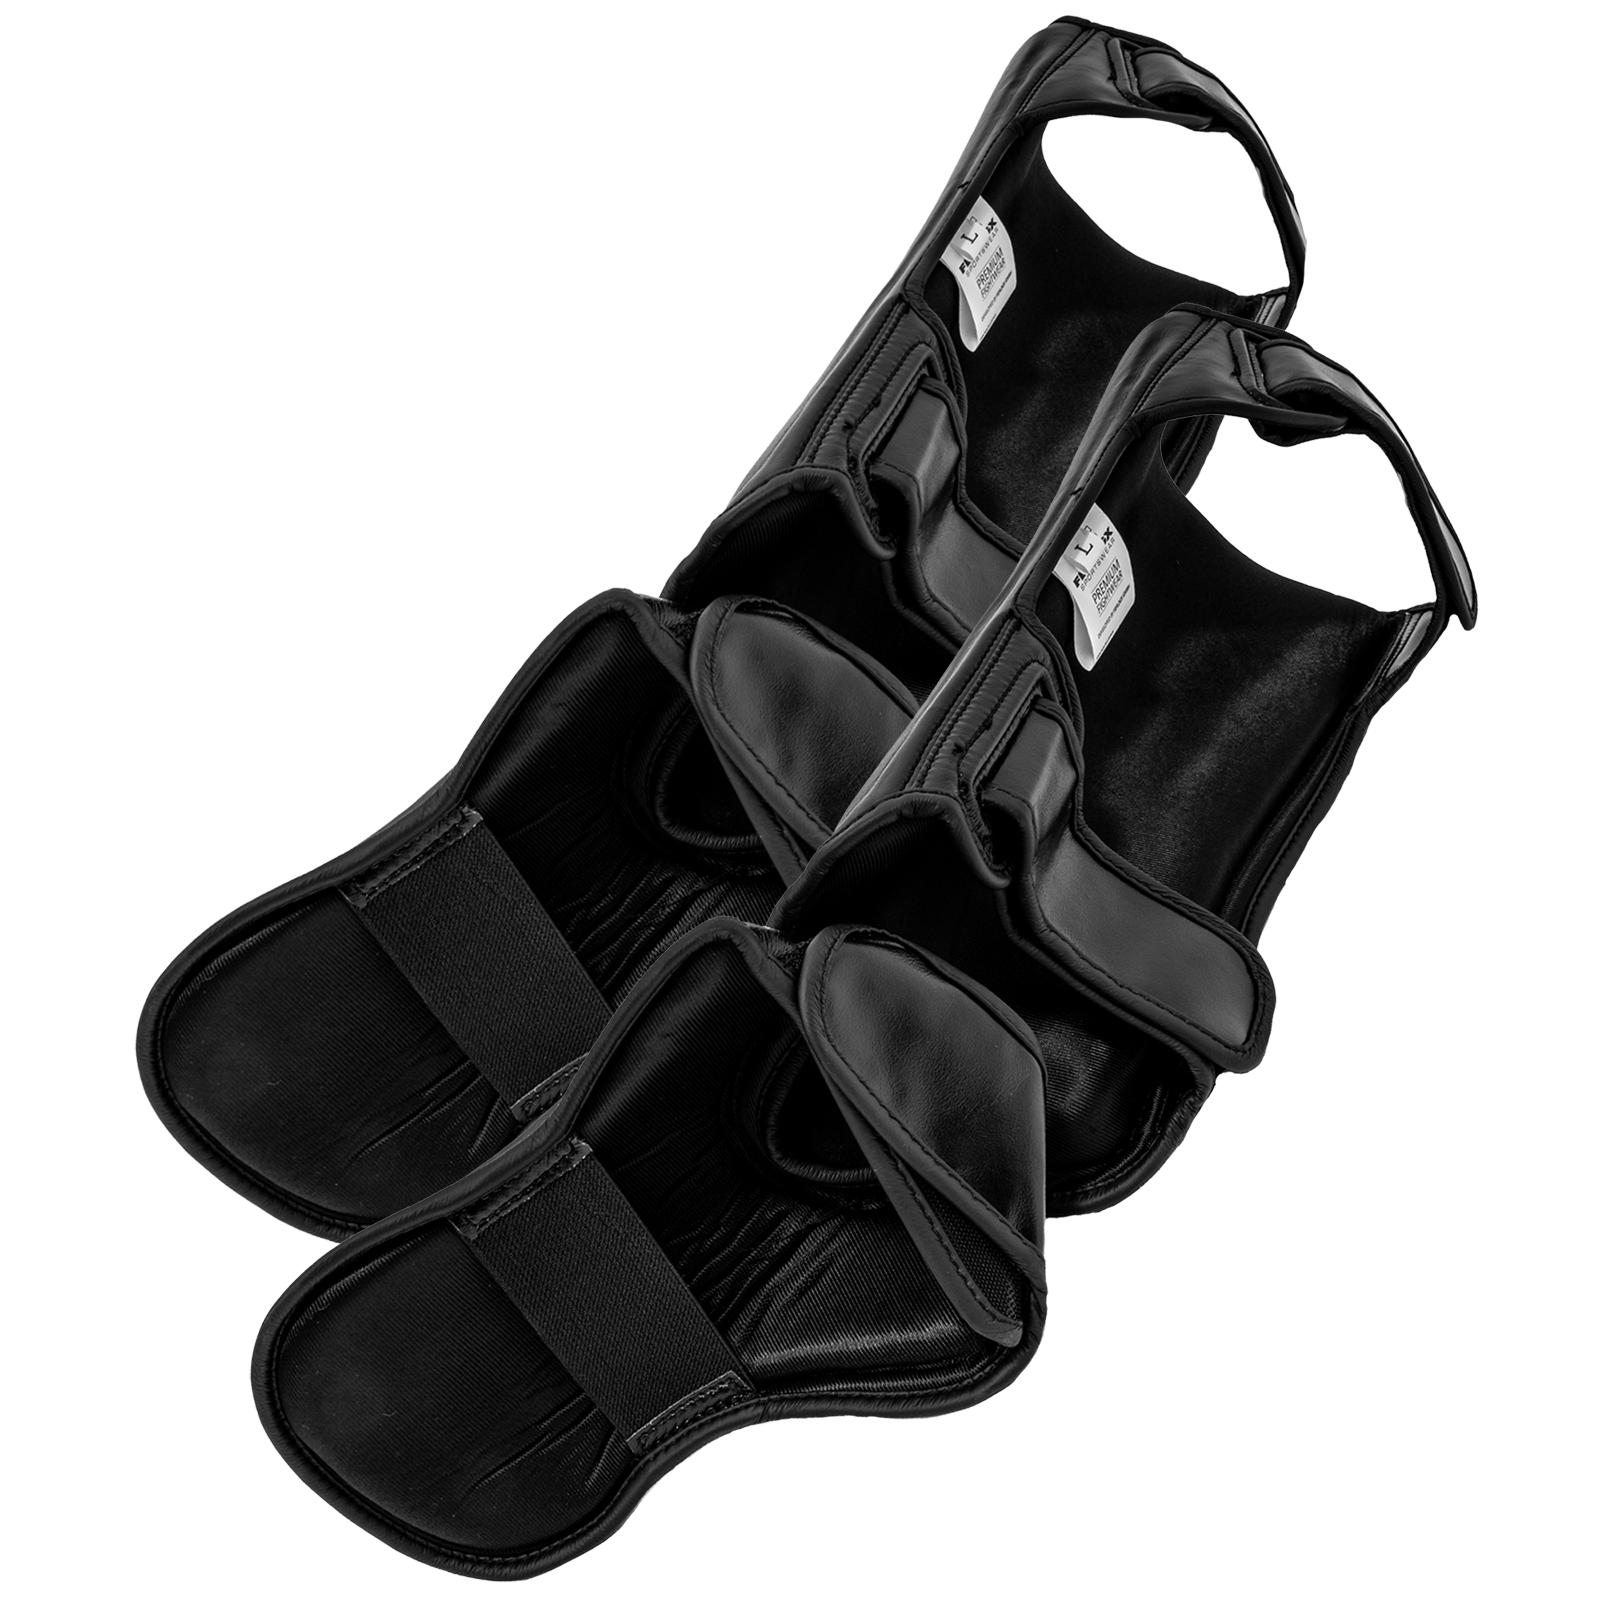 Beinschutz. Profi Schienbeinschützer EXC Move von FEFLOGX Sportswear aus Echt-Leder, hinten.